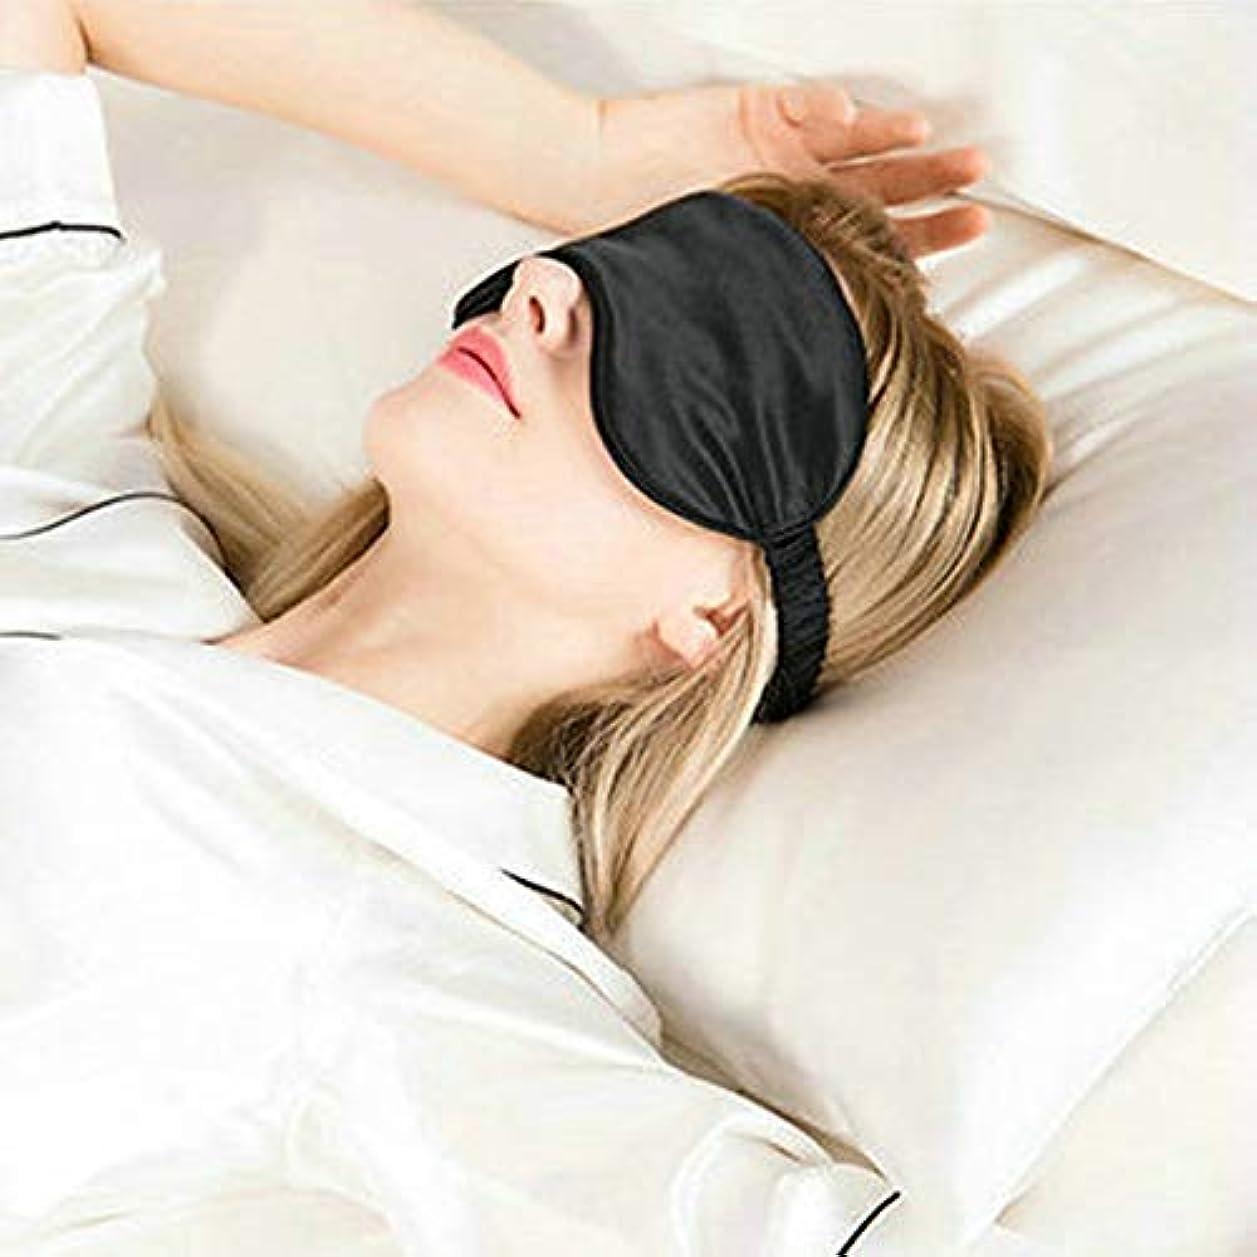 ガウン発生する明らかに新しいナチュラルピュアシルクスリーピングマスクスーパースムース睡眠休息アイマスクパッドシェードカバー旅行リラックス援助目隠し送料無料